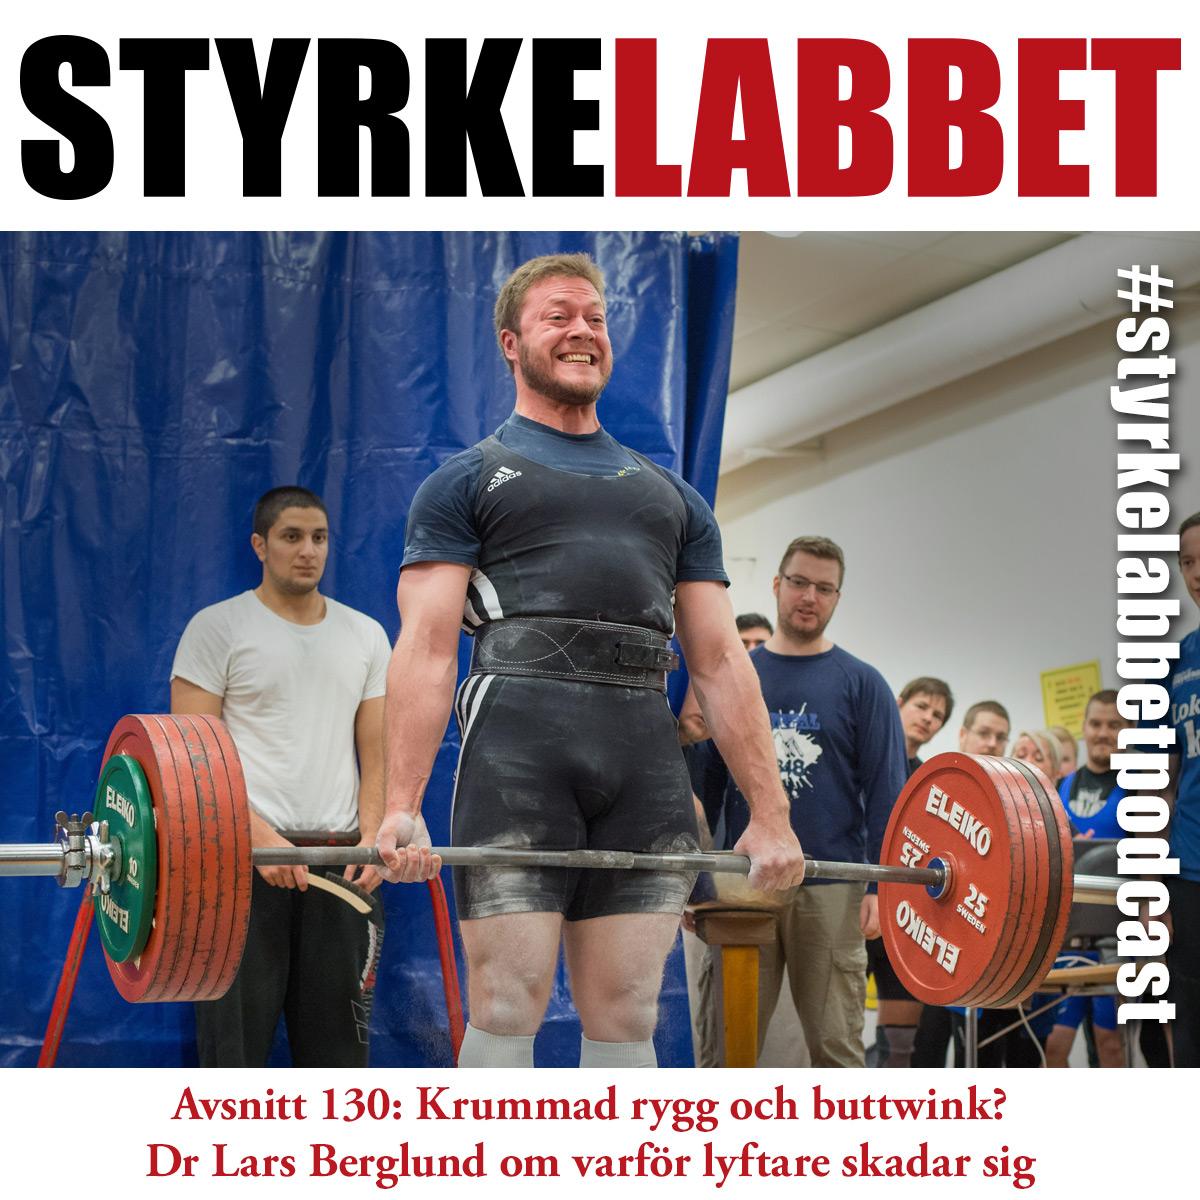 Styrkelabbet avsnitt 130: Krummad rygg och buttwink? Dr Lars Berglund om varför lyftare skadar sig